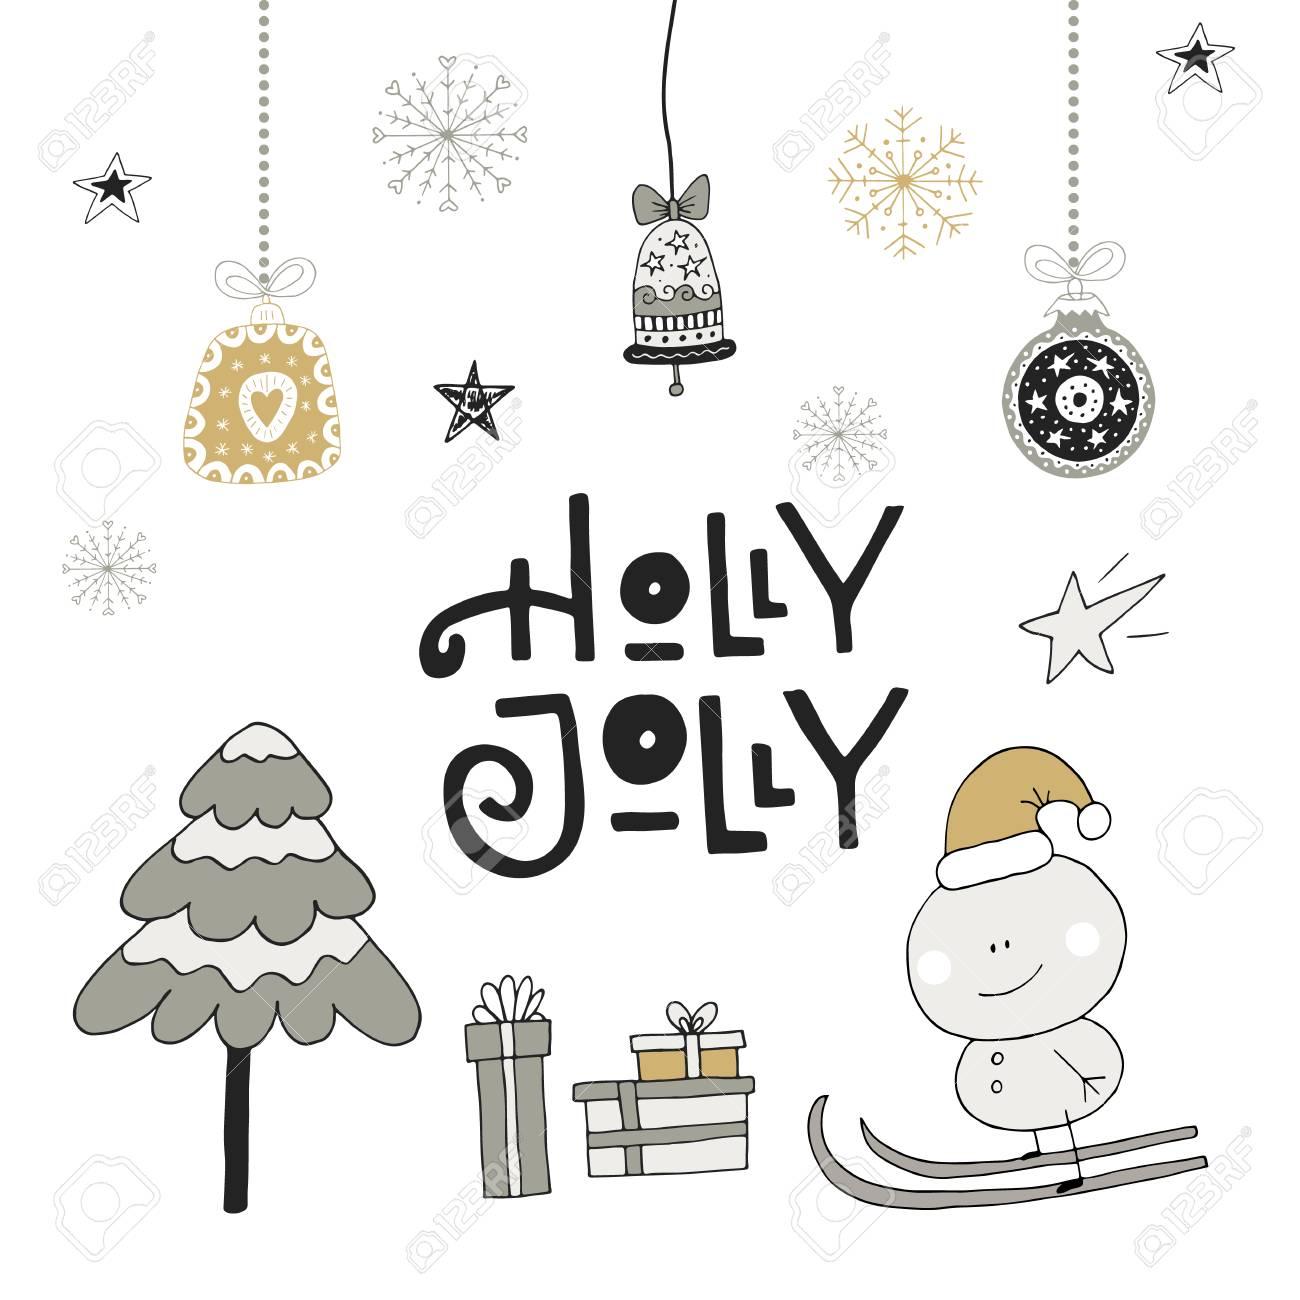 新年あけましておめでとうございます 手の装飾と描画のクリスマス レタリング かわいい正月クリップアート ベクトルの図 のイラスト素材 ベクタ Image